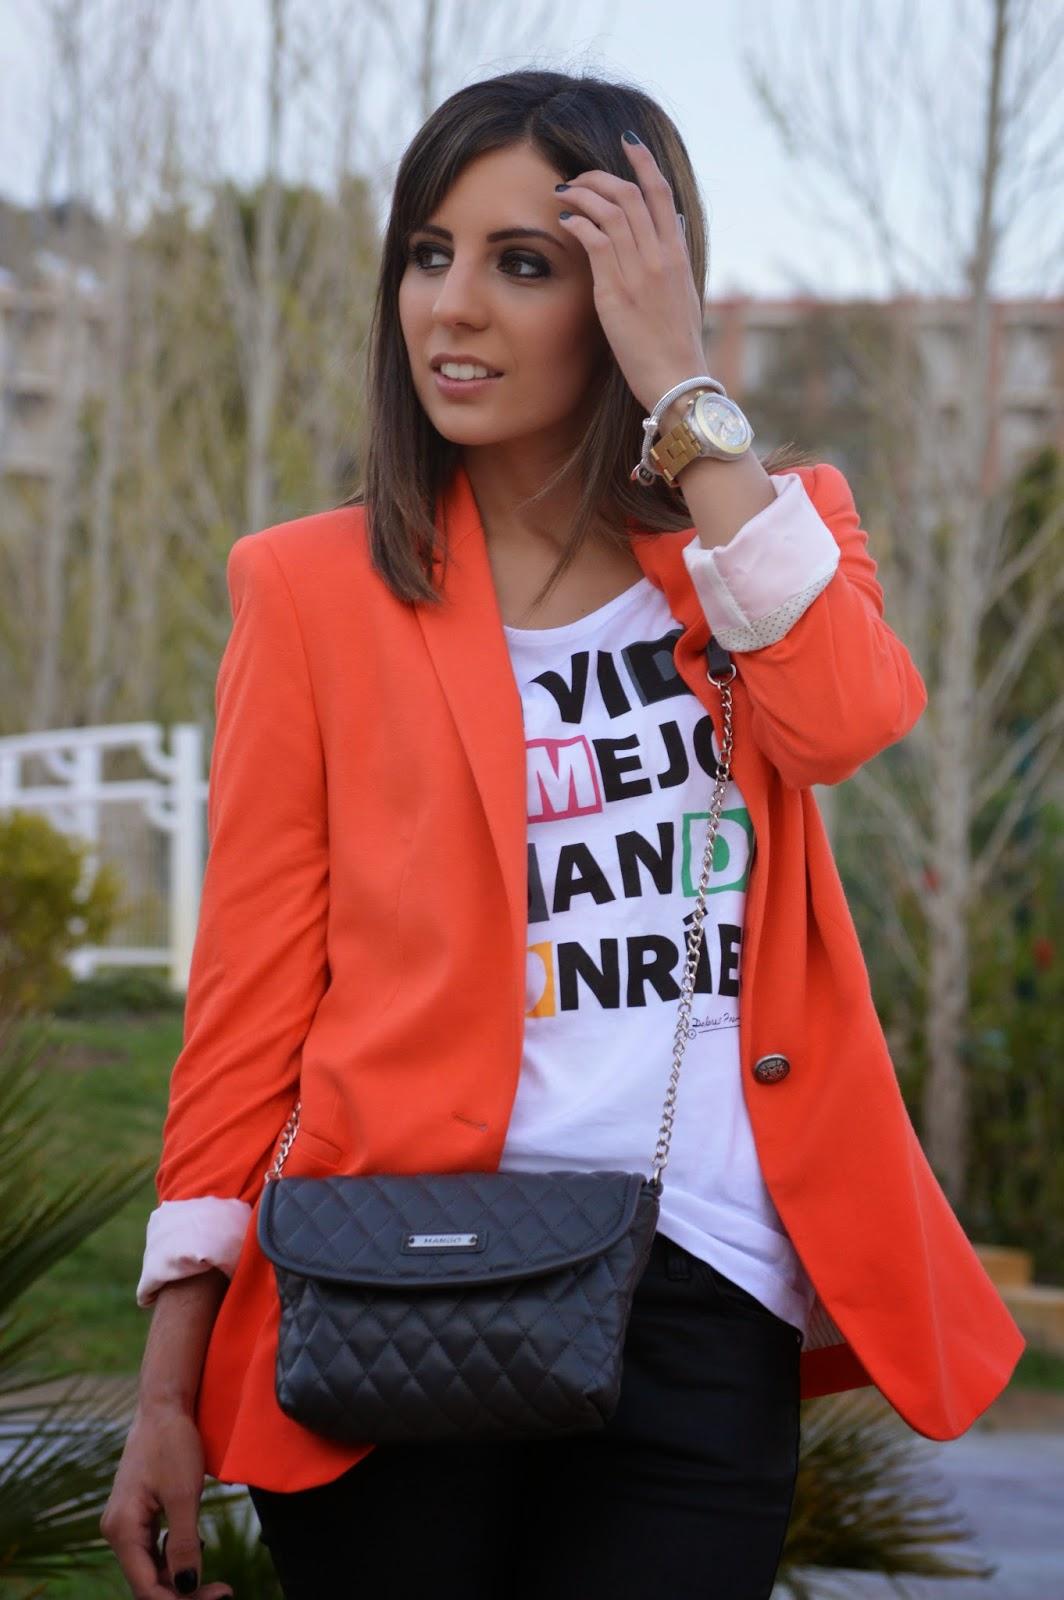 cristina style mango dolores promesas street style zara style ootd fashion blogger malagueña fashion blogger malagueña outfit look gorgeous lovely moda mood inspiration tendencias wear